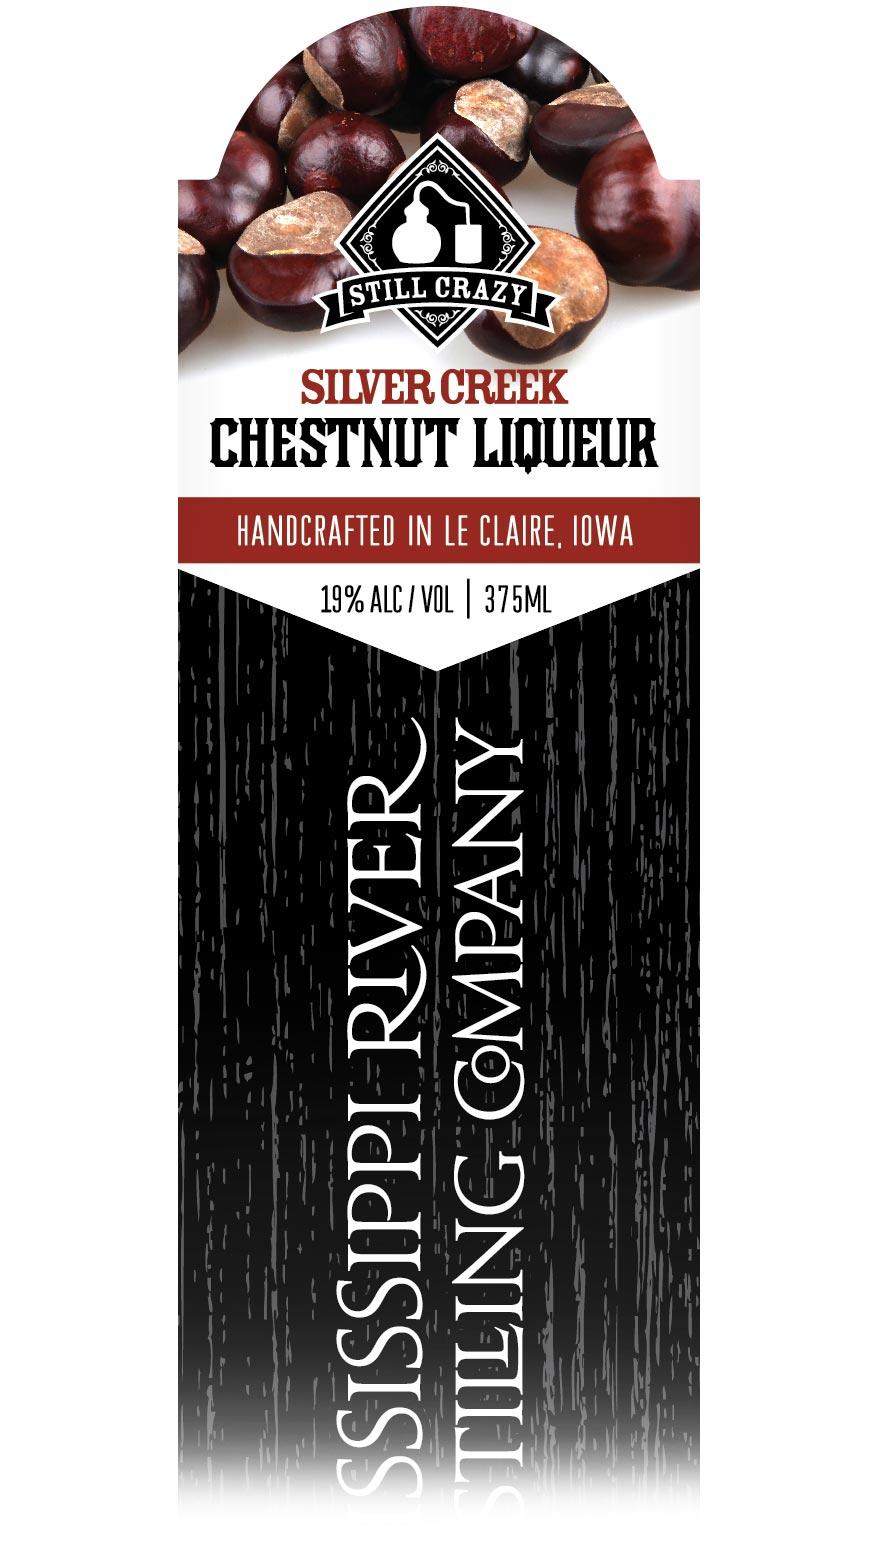 Silver Creek Chestnut Liqueur label